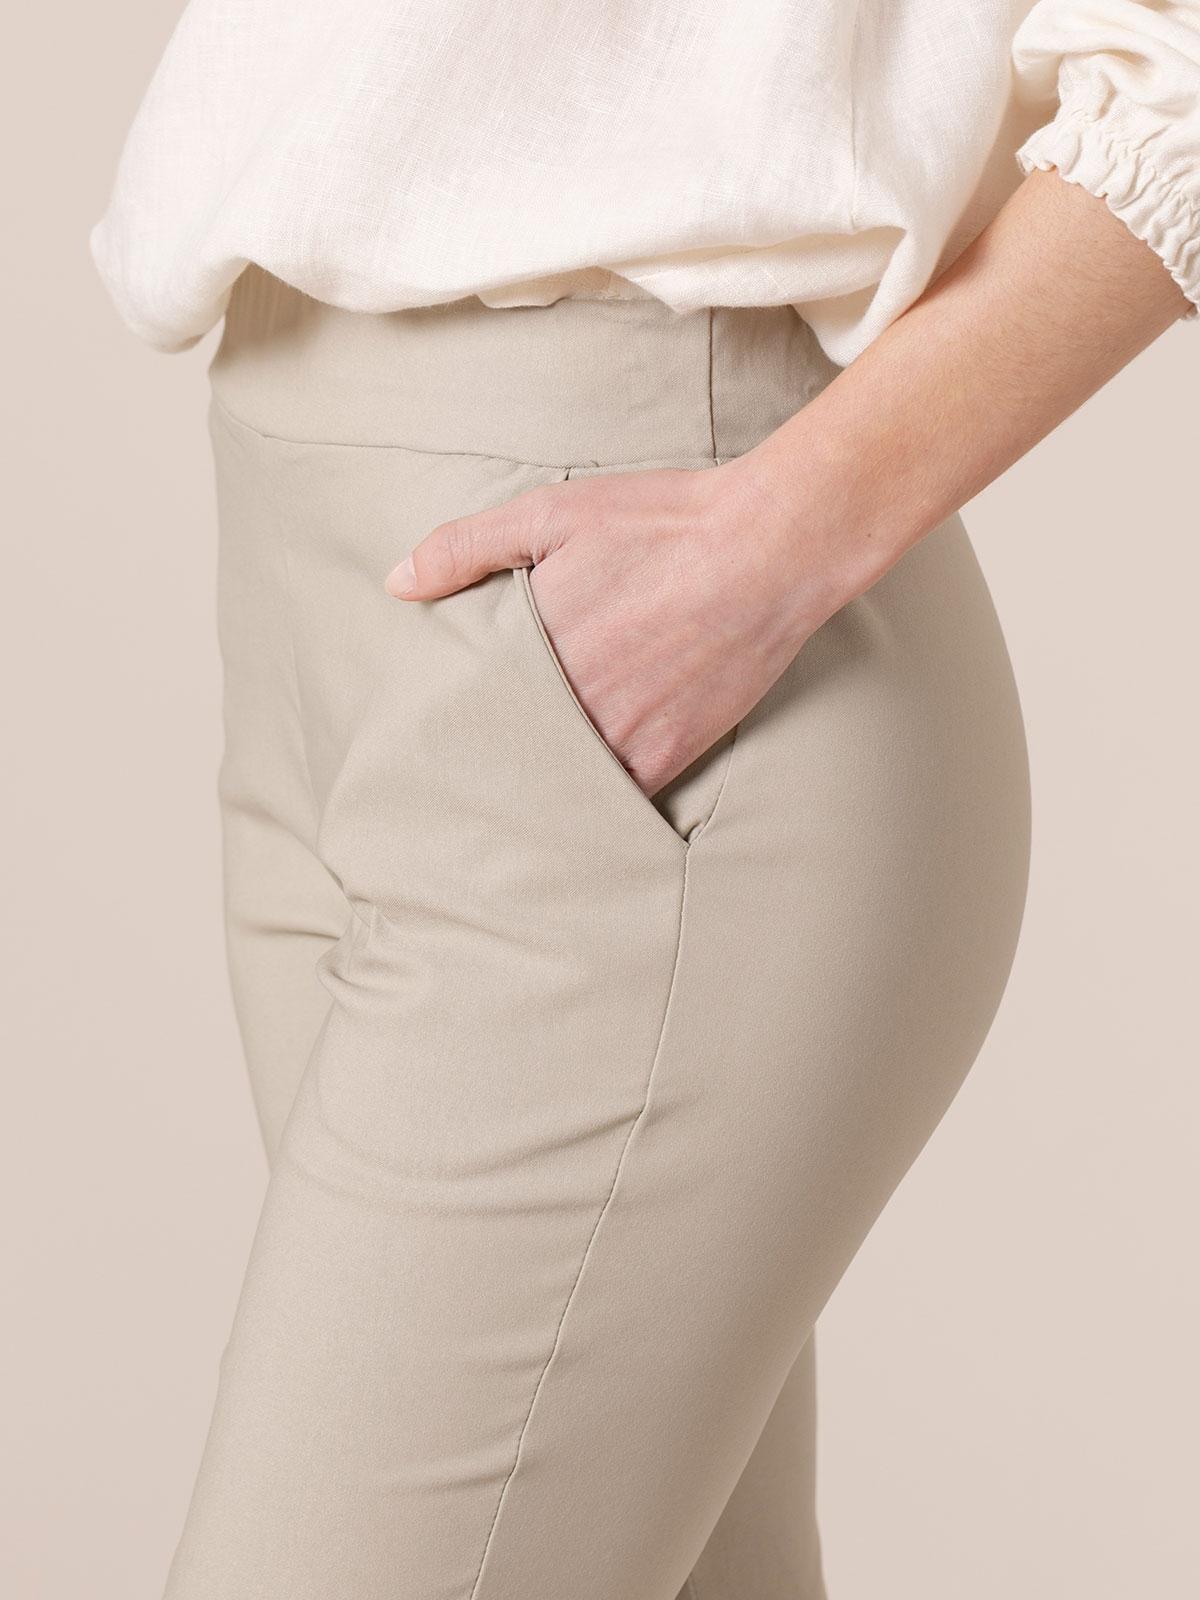 Pantalón mujer elástico confort bolsillos Beige